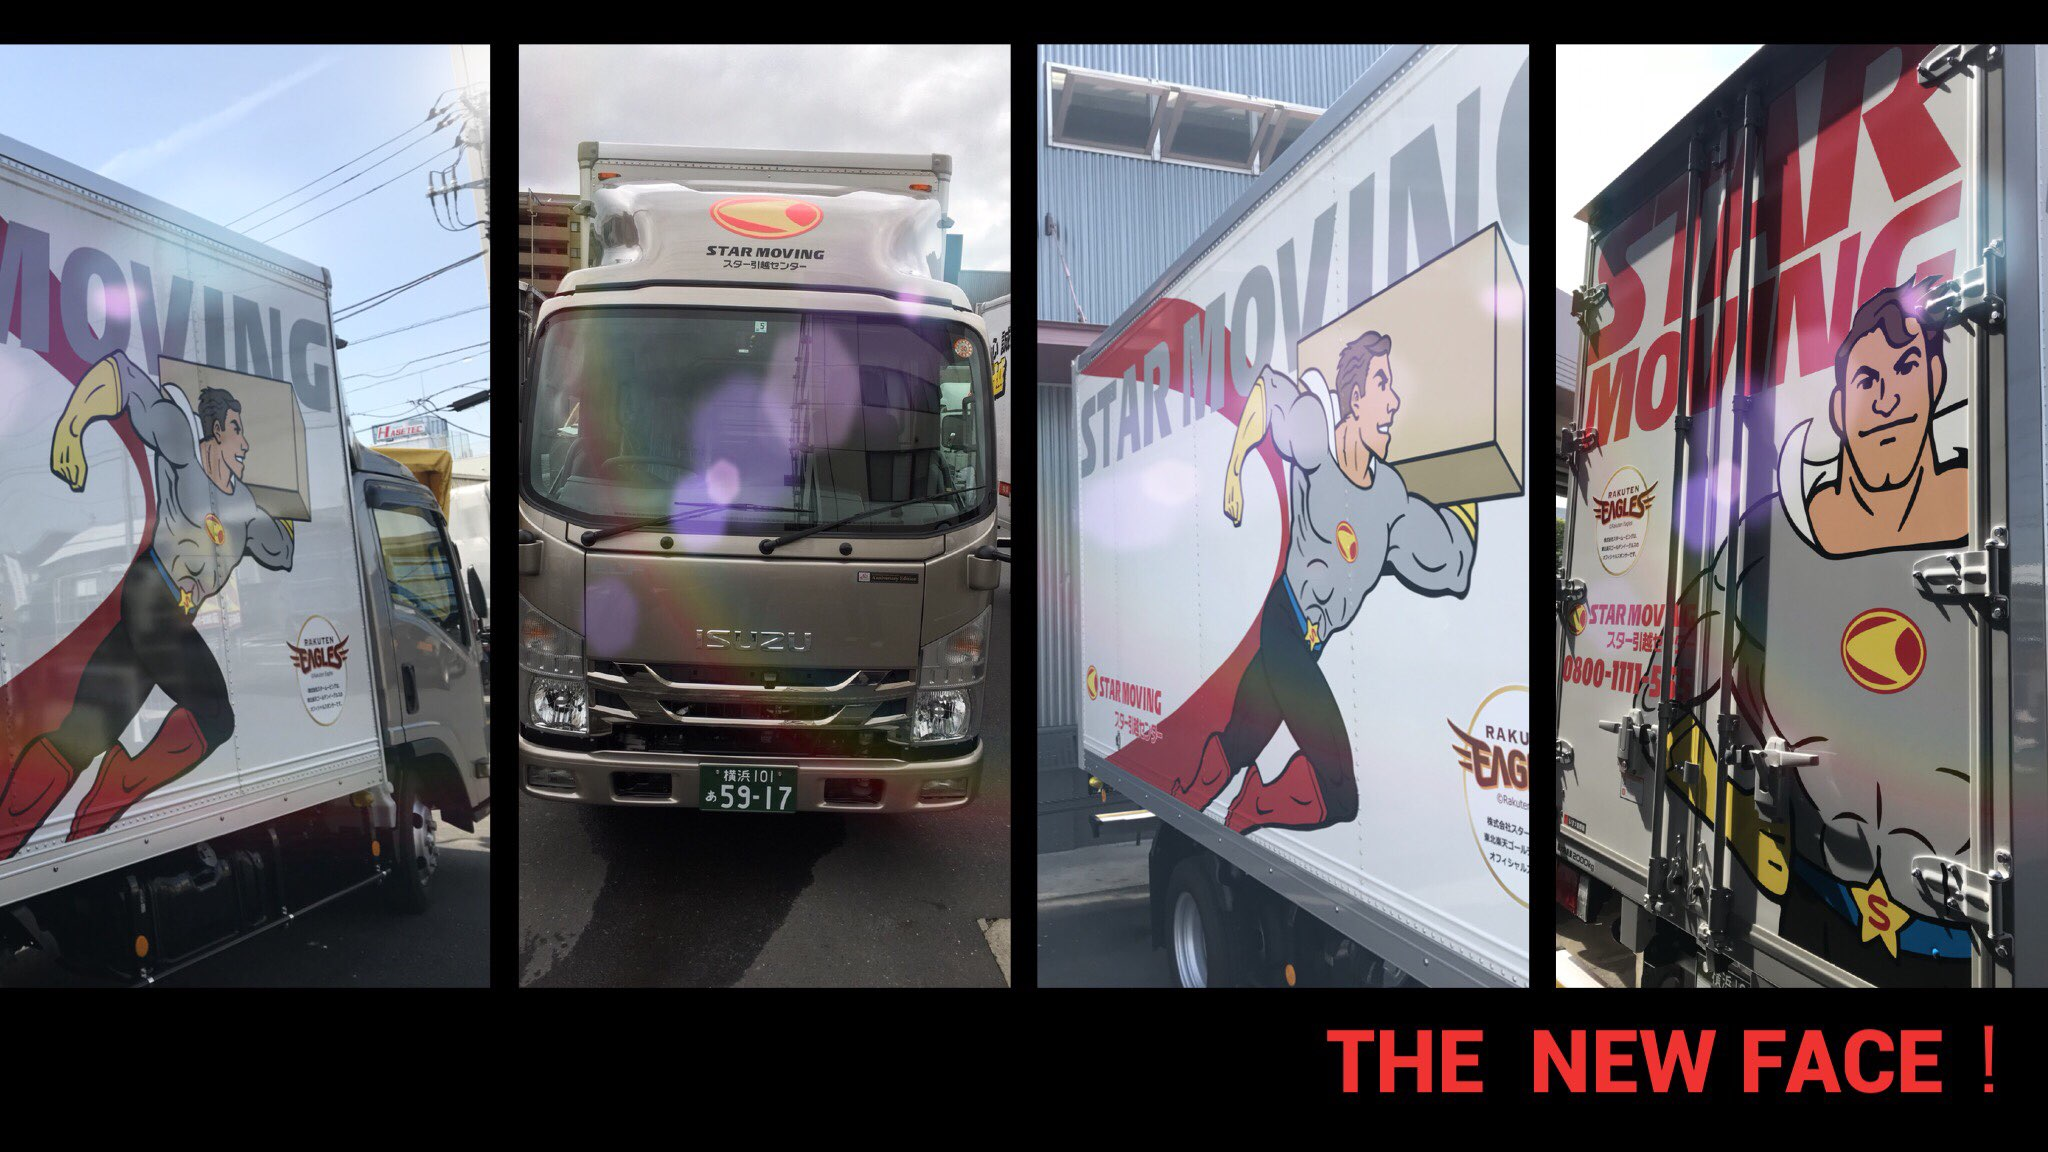 スター引越センター にニューフェイスがやってきました!(新車2tロング)